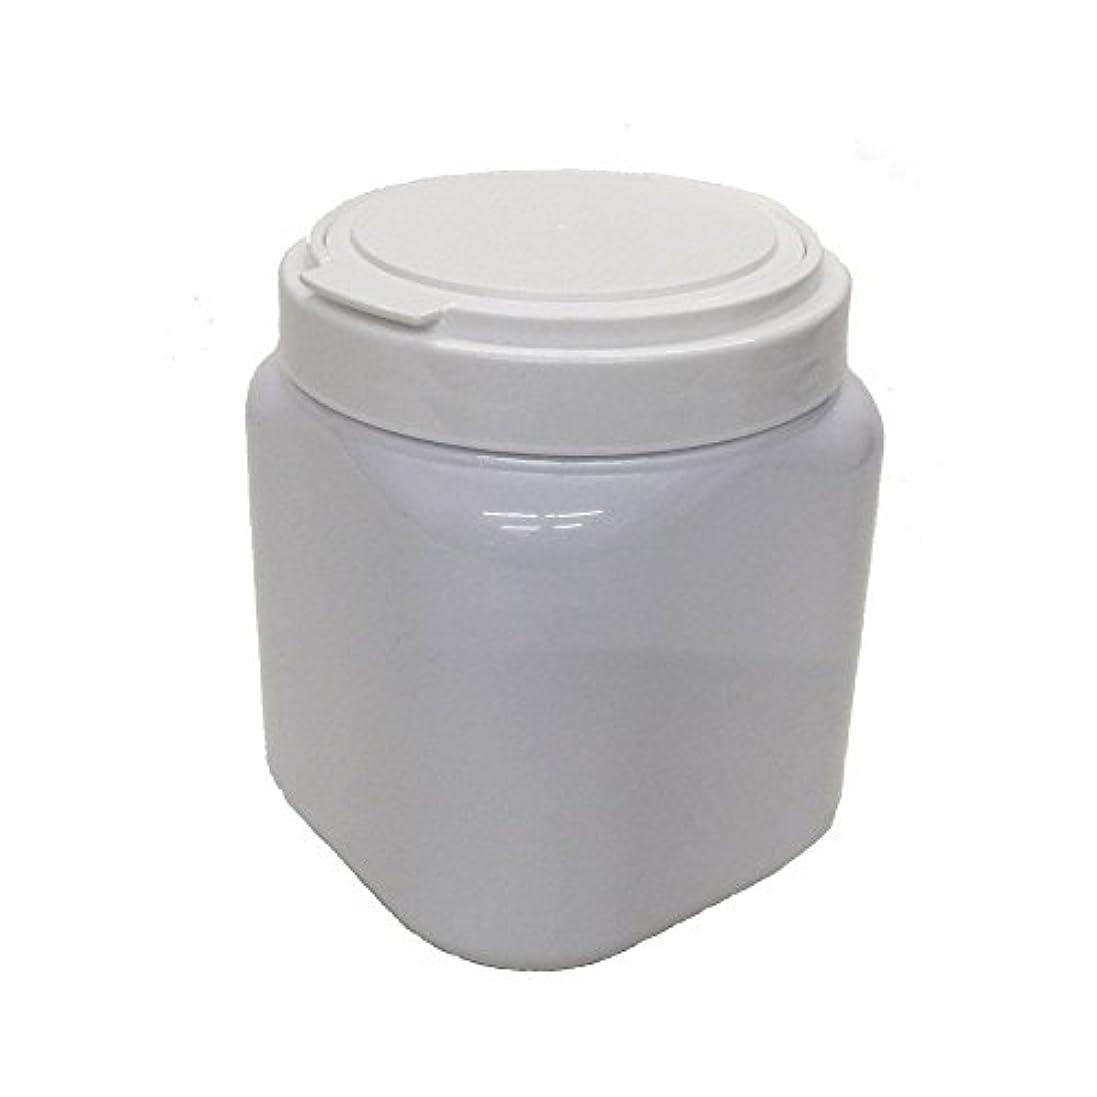 補助金ベーリング海峡風cubebox-WH-1500(ホワイト)【選べるラベル付き!】 ((Skinny)スキニー調)